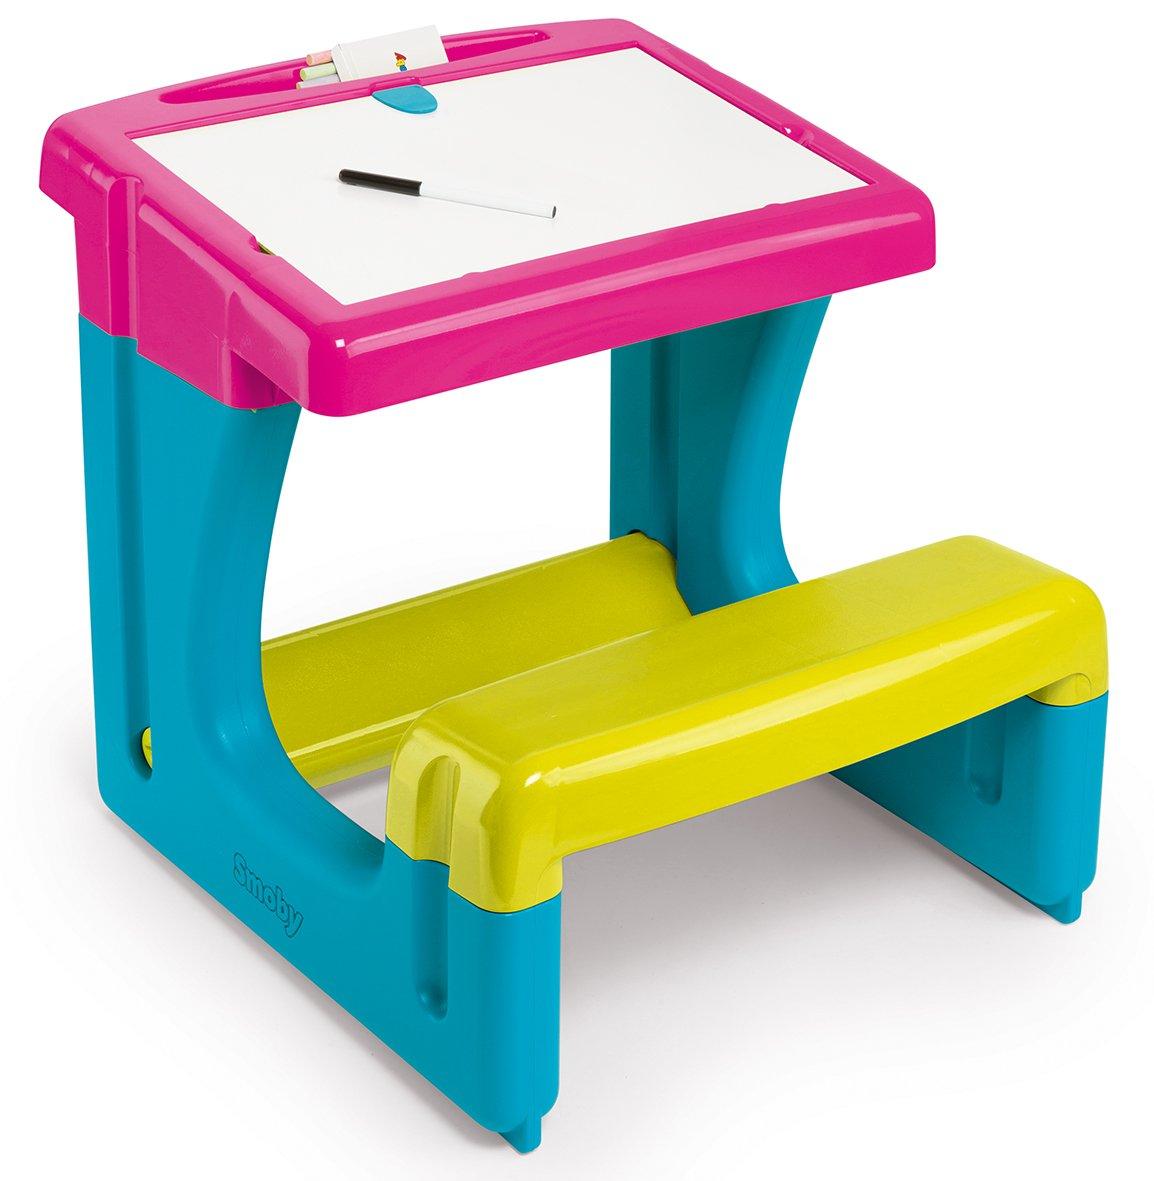 Smoby 420102 - Activity Banco Scuola Simba Toys Italia S.p.A.